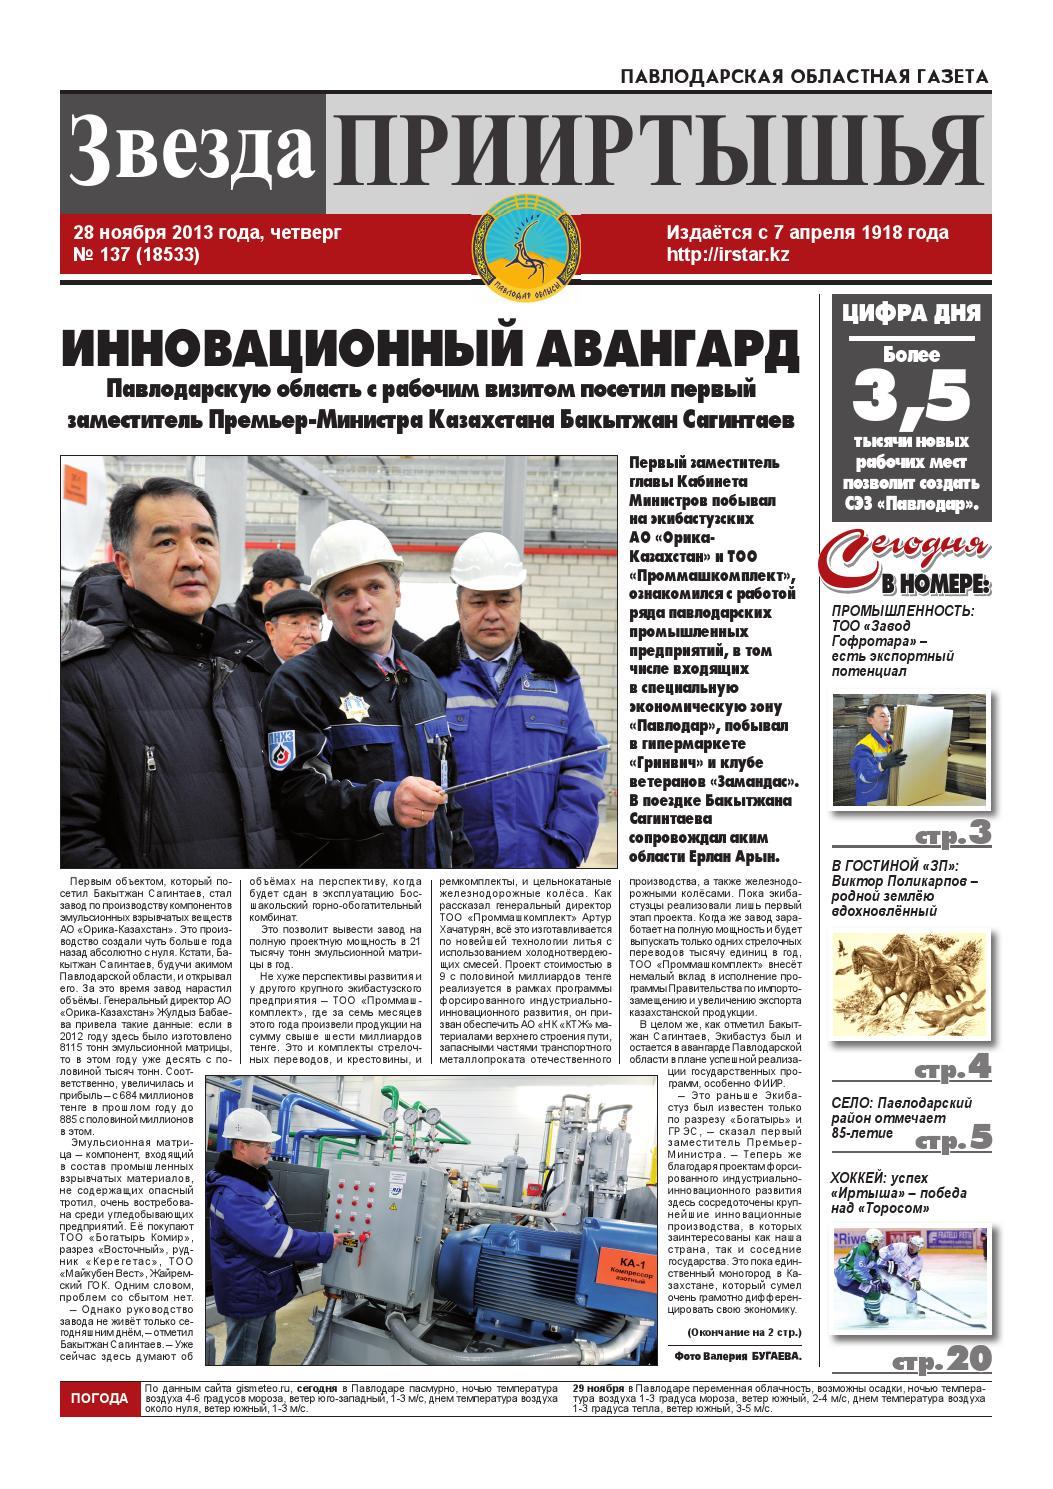 телефонный справочник города экибастуз 2013